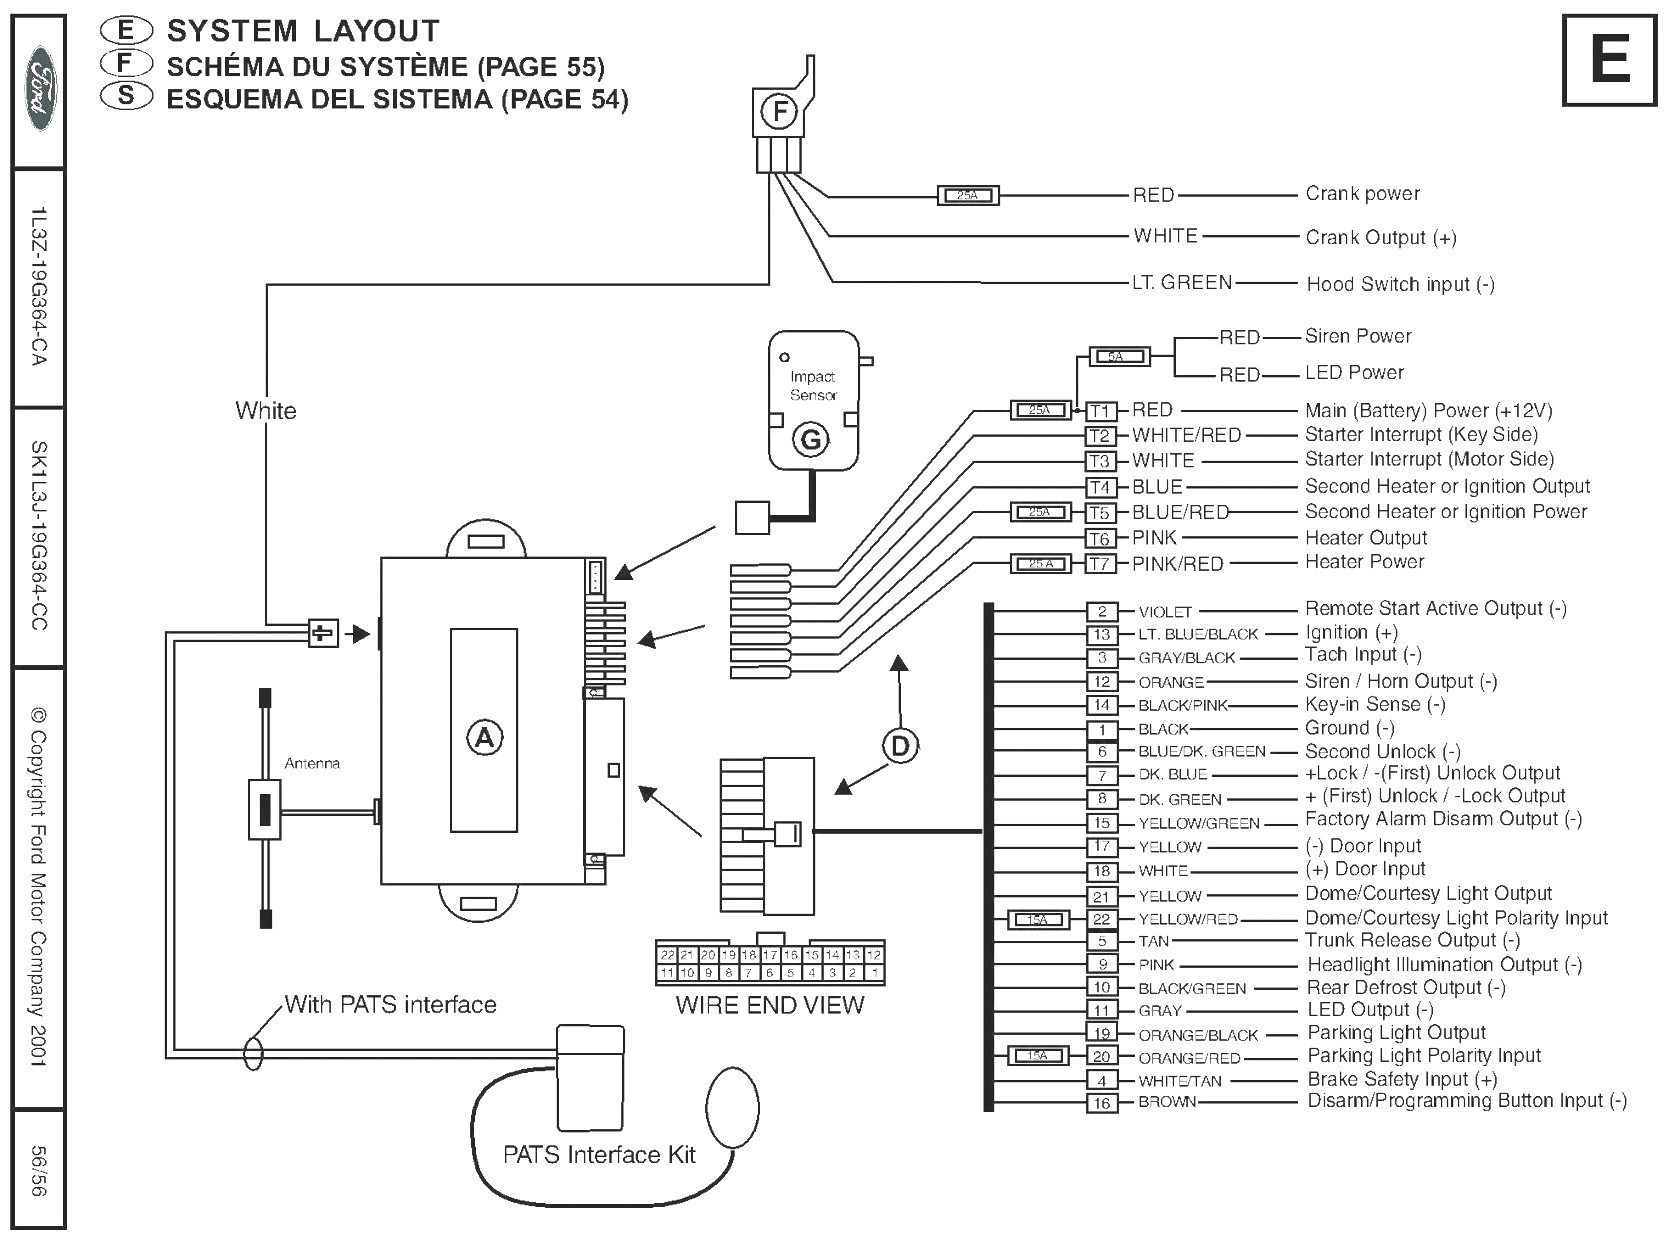 Viper 3305 Wire Diagram 5404 Viper Car Alarm System Wiring Diagram Wiring Diagram Networks Of Viper 3305 Wire Diagram